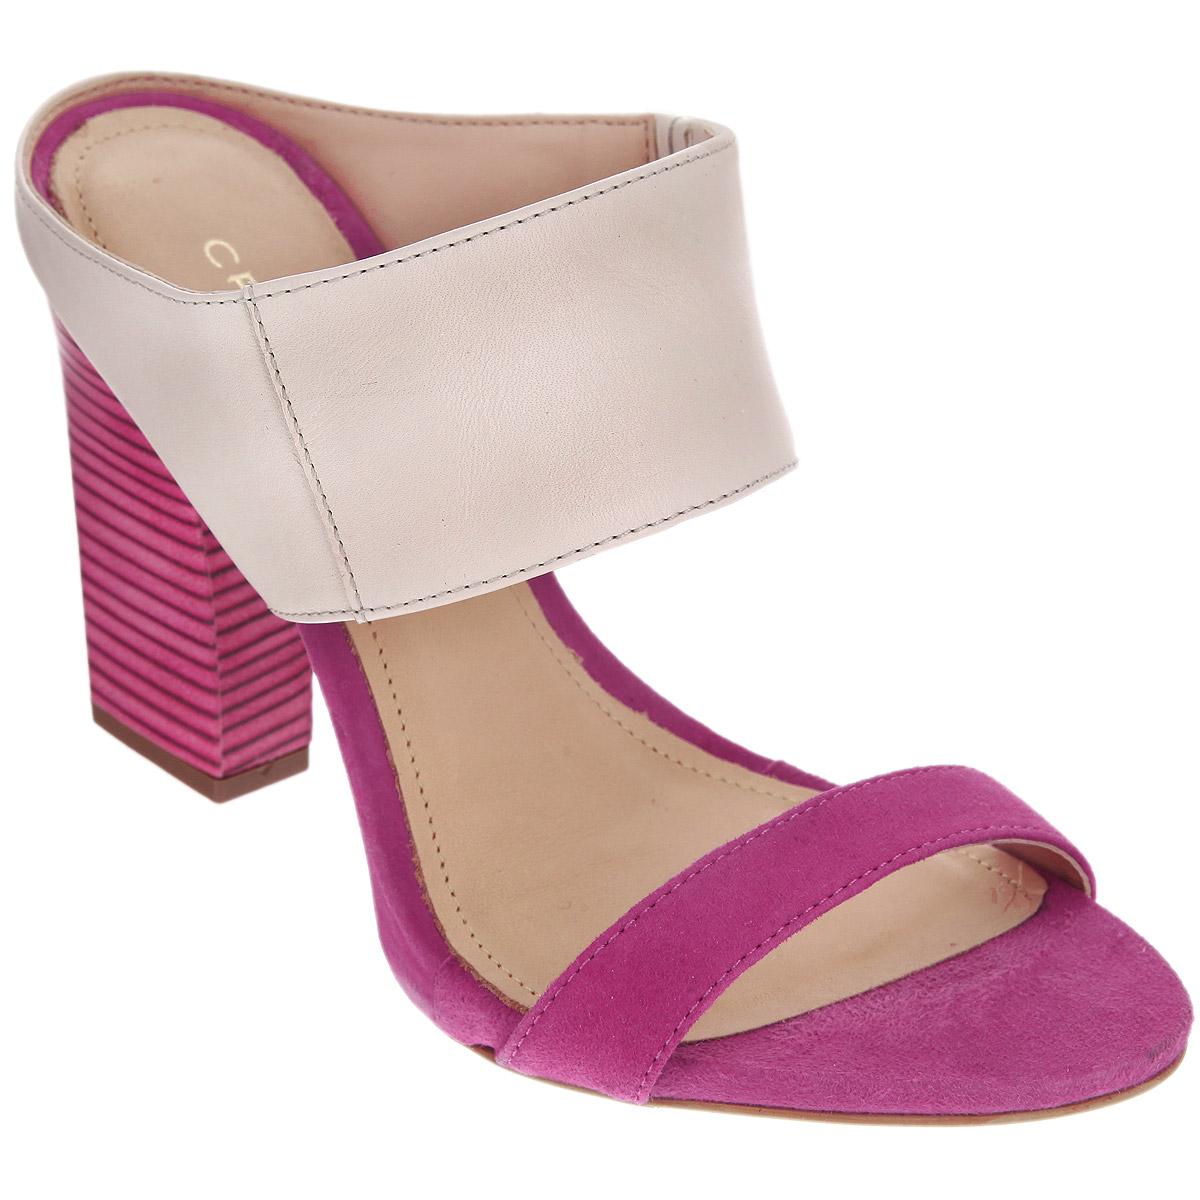 Сабо женские Cristofoli, цвет: бежевый, фуксия. 152194. Размер BRA 35 (36)152194Стильные сабо от Cristofoli - незаменимая вещь в гардеробе каждой женщины.Модель выполнена из высококачественной натуральной кожи. Сбоку фиксирующий ремешок дополнен резинкой, обеспечивающей идеальную посадку обуви на ноге. Мягкая стелька из натуральной кожи обеспечивает комфорт при ходьбе. Ультравысокий каблук компенсирован платформой. Подошва - с противоскользящим рифлением.Изысканные сабо прекрасно дополнят ваш женственный образ.